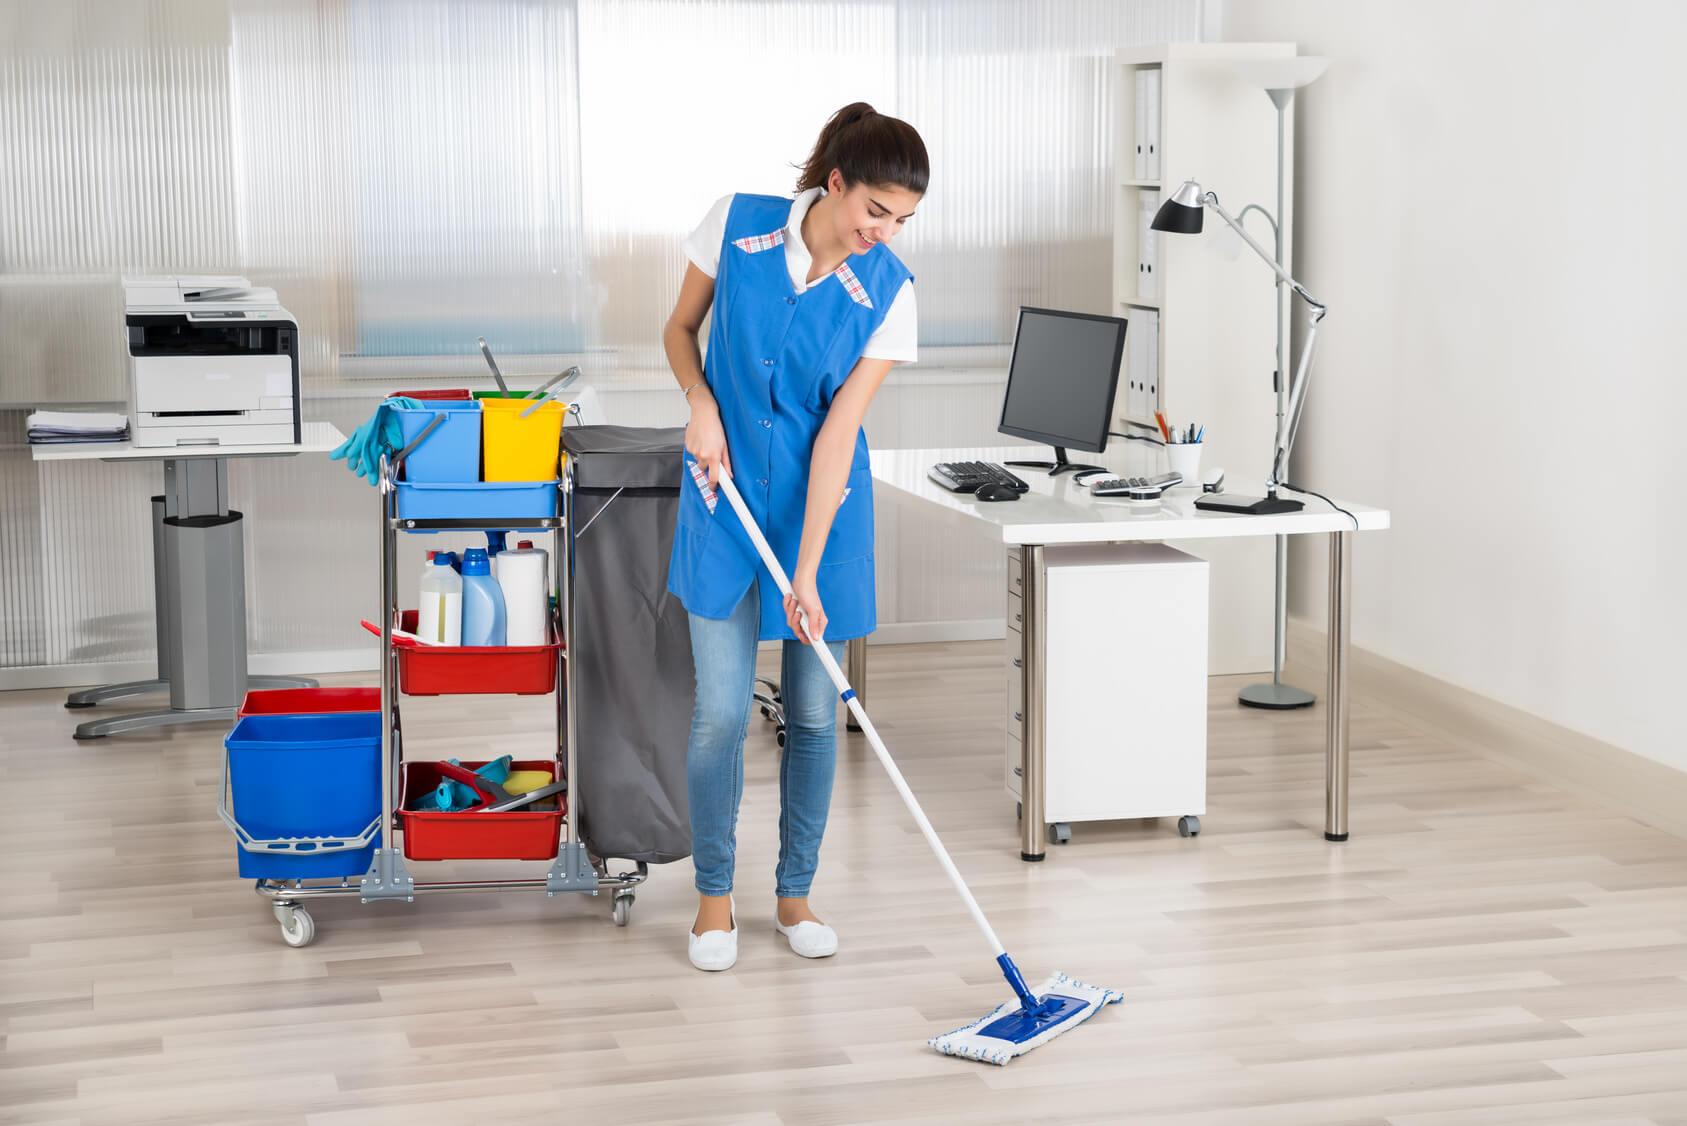 صورة شركة تنظيف منازل بالرياض , افضل سعر لشركات التنظيف بالرياض